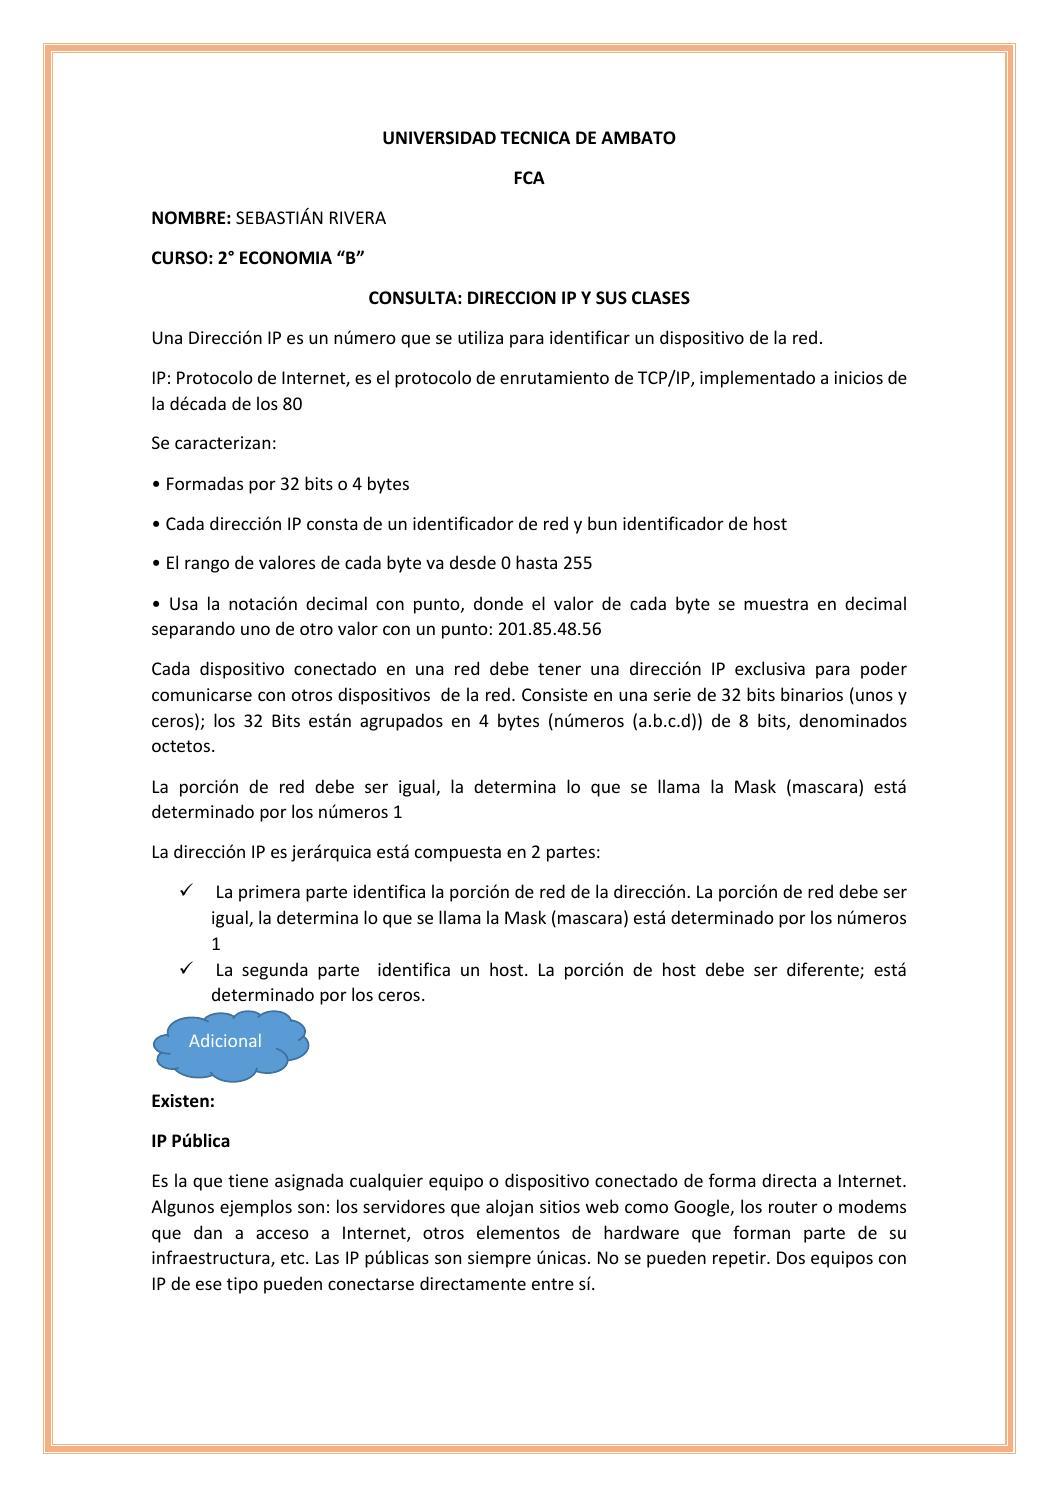 Ip y clases by Sebastián Rivera - issuu